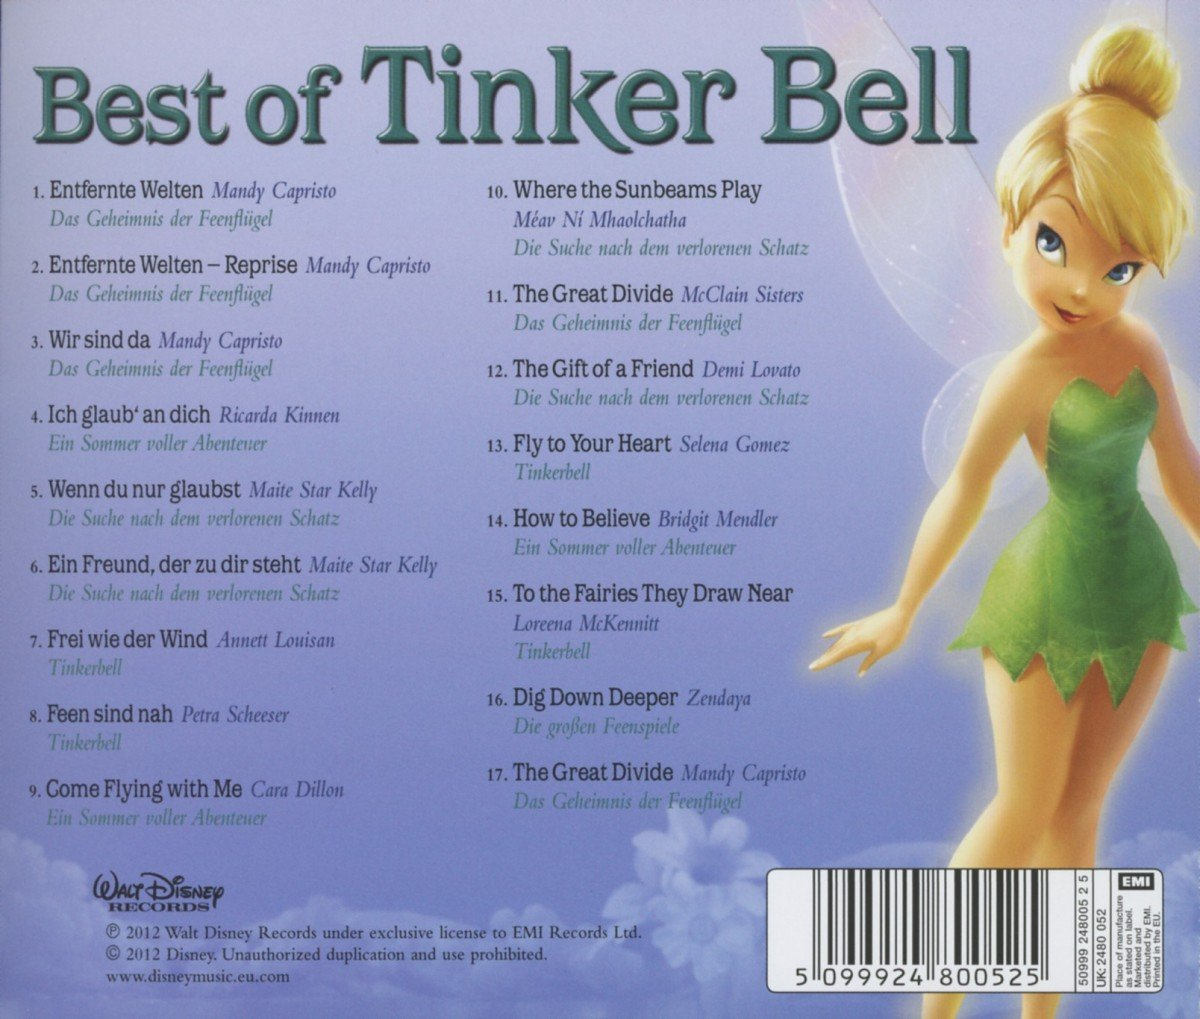 ティンカー・ベルのBest of Tinker BellのCDジャケット裏